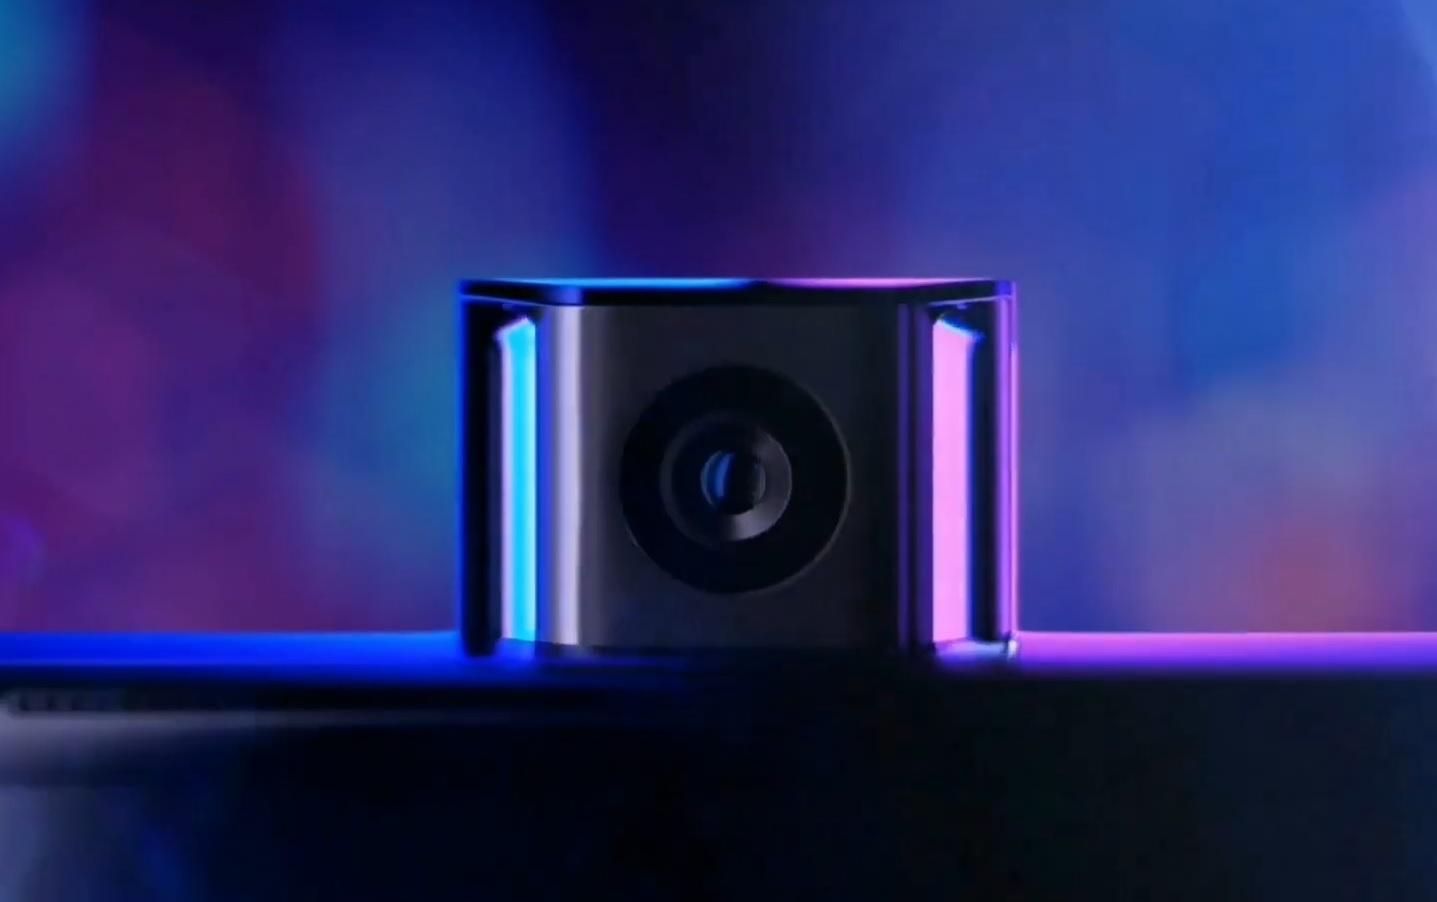 Oppo dévoile le design du F11 Pro, son prochain smartphone à appareil photo rétractable